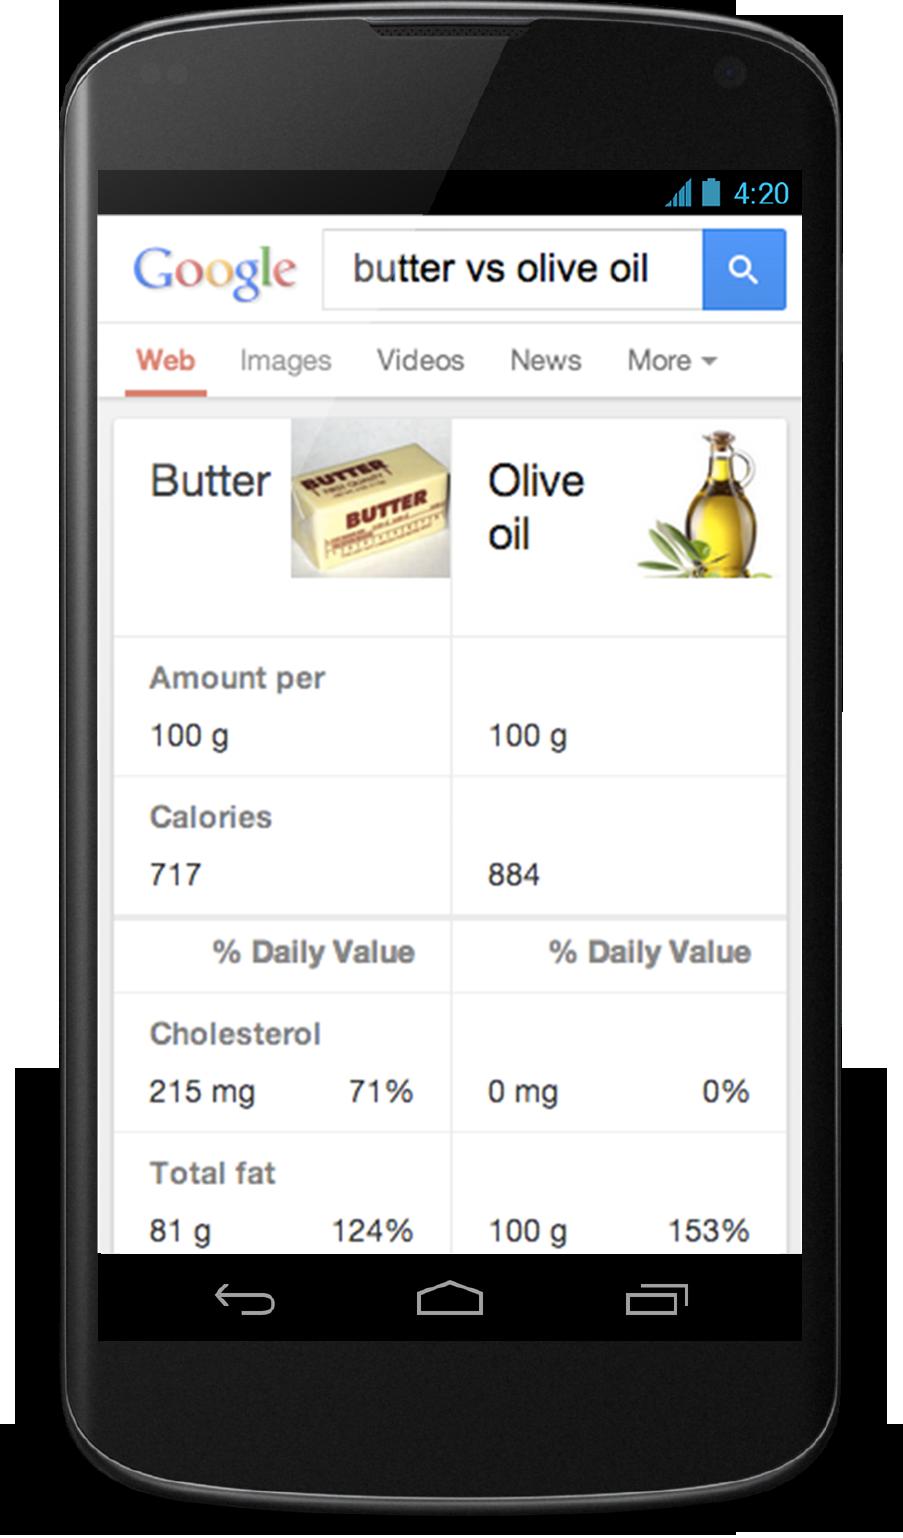 Nexus 4 - Butter v Olive Oil